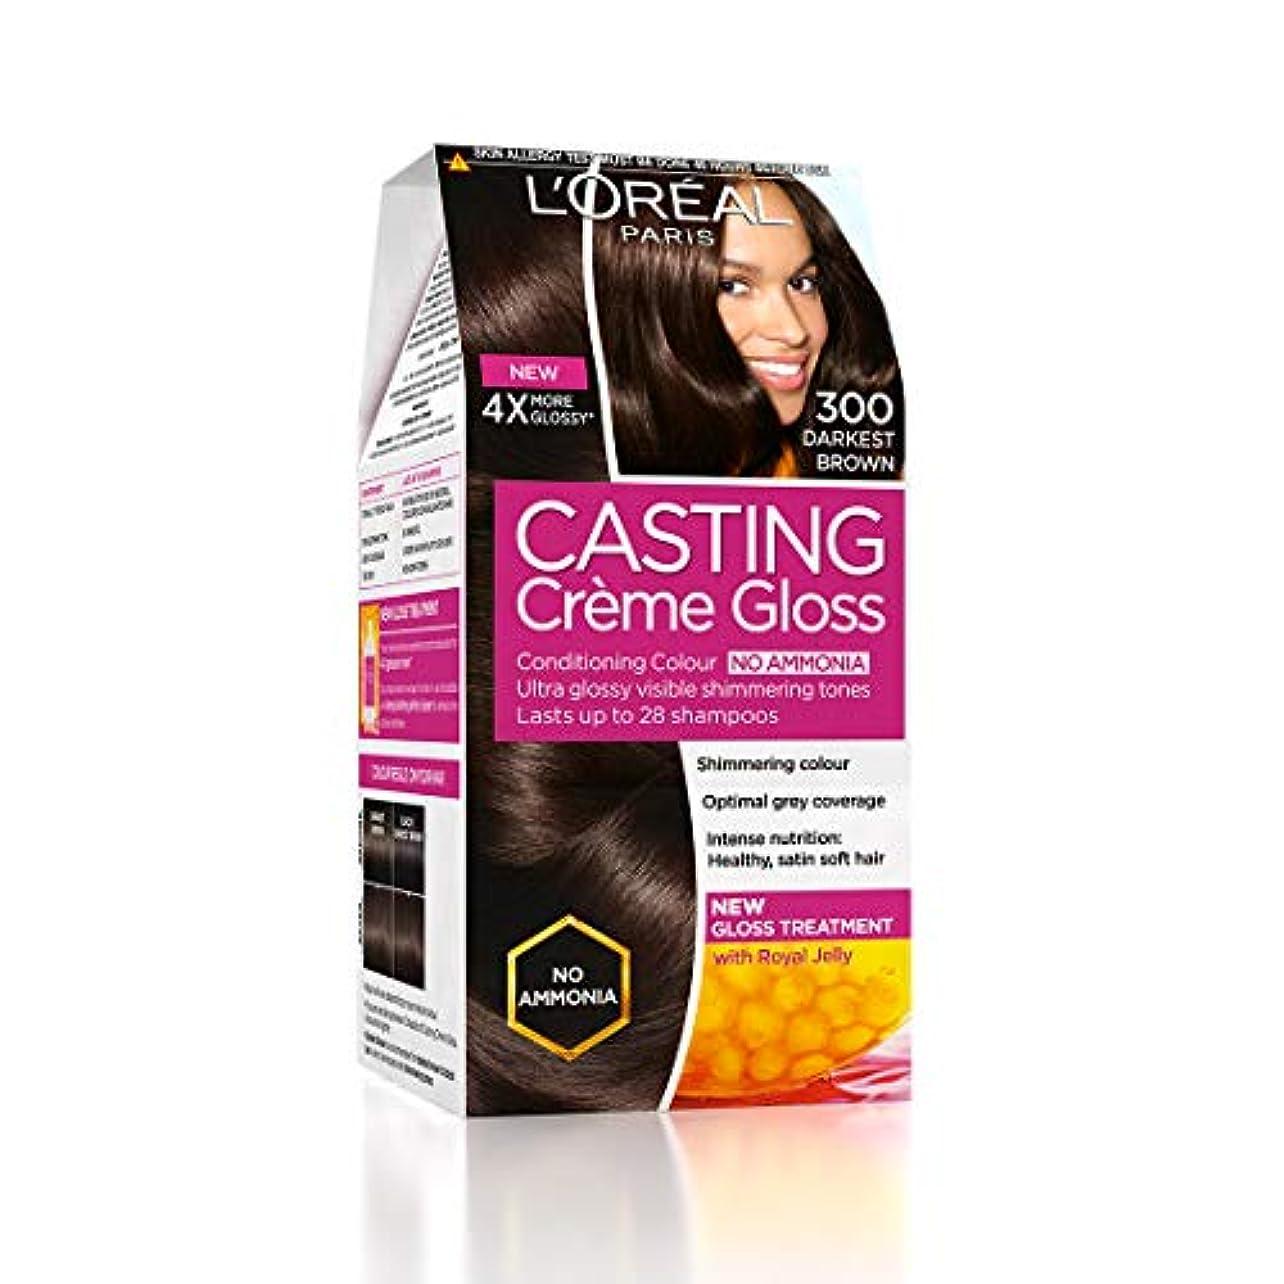 有名な雑多な修士号L'Oreal Paris Casting Creme Gloss Hair Color, Darkest Brown 300, 87.5g+72ml